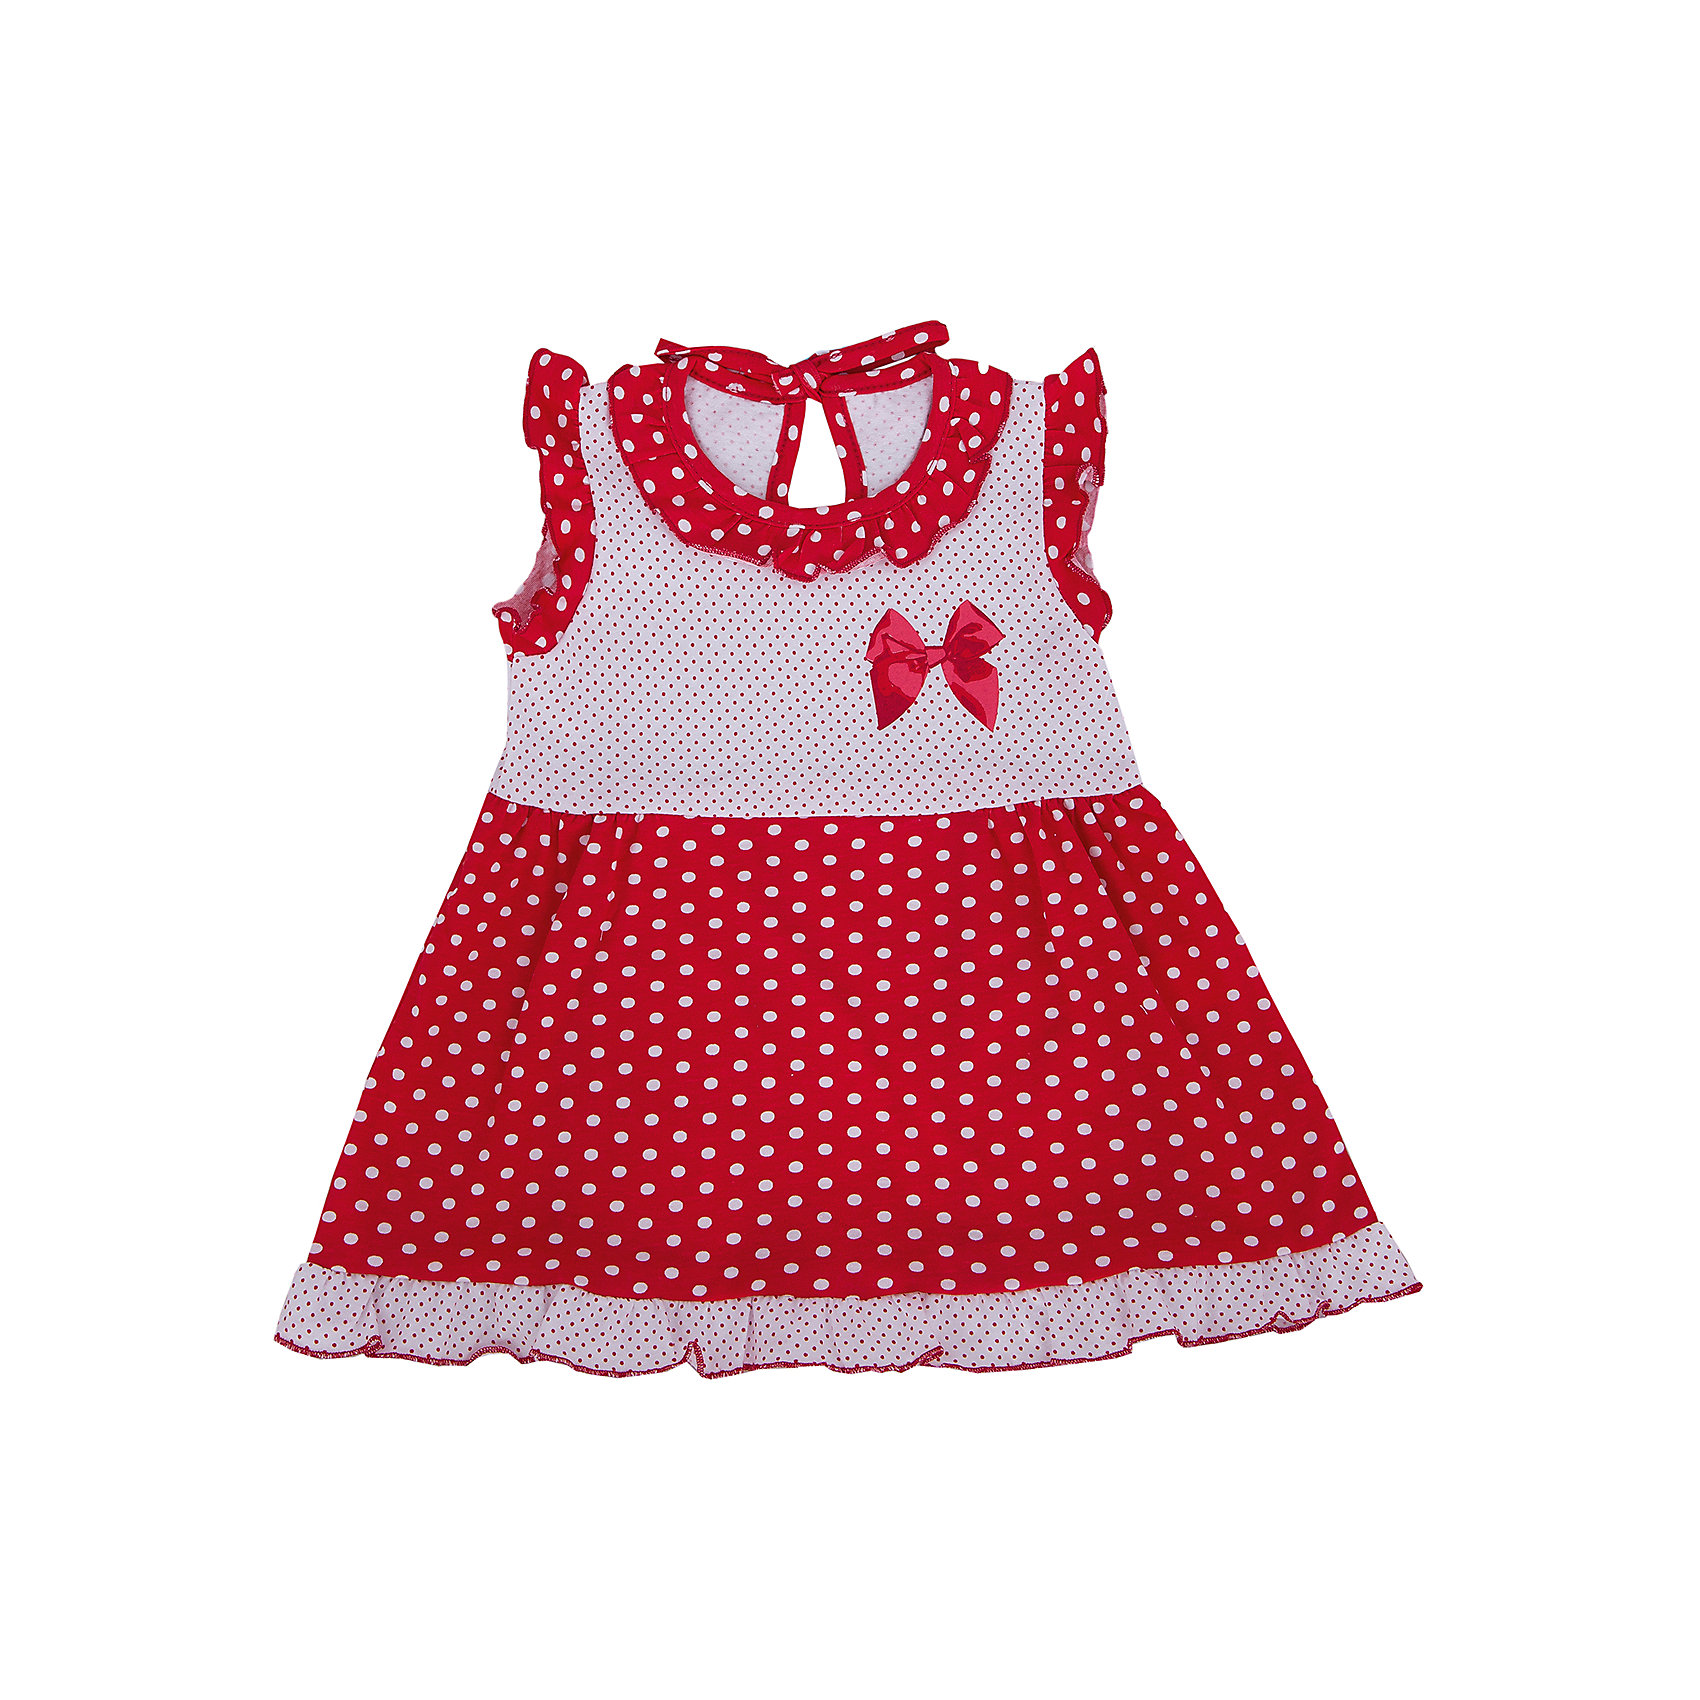 Платье АпрельПлатье коллекции Платья для малышек от торговой марки Апрель будет  очень мило смотреться на Вашей девочке! Благодаря оригинальному решению дизайнеров платье из данной коллекции выглядет  опрятно и красиво. Пошито из натурального ,качественного хлопка, и поэтому устойчиво к стирке, гипоаллергенное,  хорошая пропускаемость воздуха. <br><br>Дополнительная информация:<br><br>- состав:  100% хлопок <br>- уход: ручная или машинная стирка при температуре не более 40°с.<br>- цвета-  горох на красном  бантик<br>- ткань: кулир<br>- особенности ткани: мягкая<br>- материал подкладки: хлопок<br>- сезон: лето<br>- пол: девочки<br>- фирма-производитель: Апрель<br>- страна-производитель: Россия<br><br>Платье коллекции Платья для малышек от торговой марки Апрель можно купить в нашем интернет-магазине.<br><br>Ширина мм: 236<br>Глубина мм: 16<br>Высота мм: 184<br>Вес г: 177<br>Цвет: красно-белый<br>Возраст от месяцев: 12<br>Возраст до месяцев: 15<br>Пол: Женский<br>Возраст: Детский<br>Размер: 80,98,86,92,74<br>SKU: 4630567